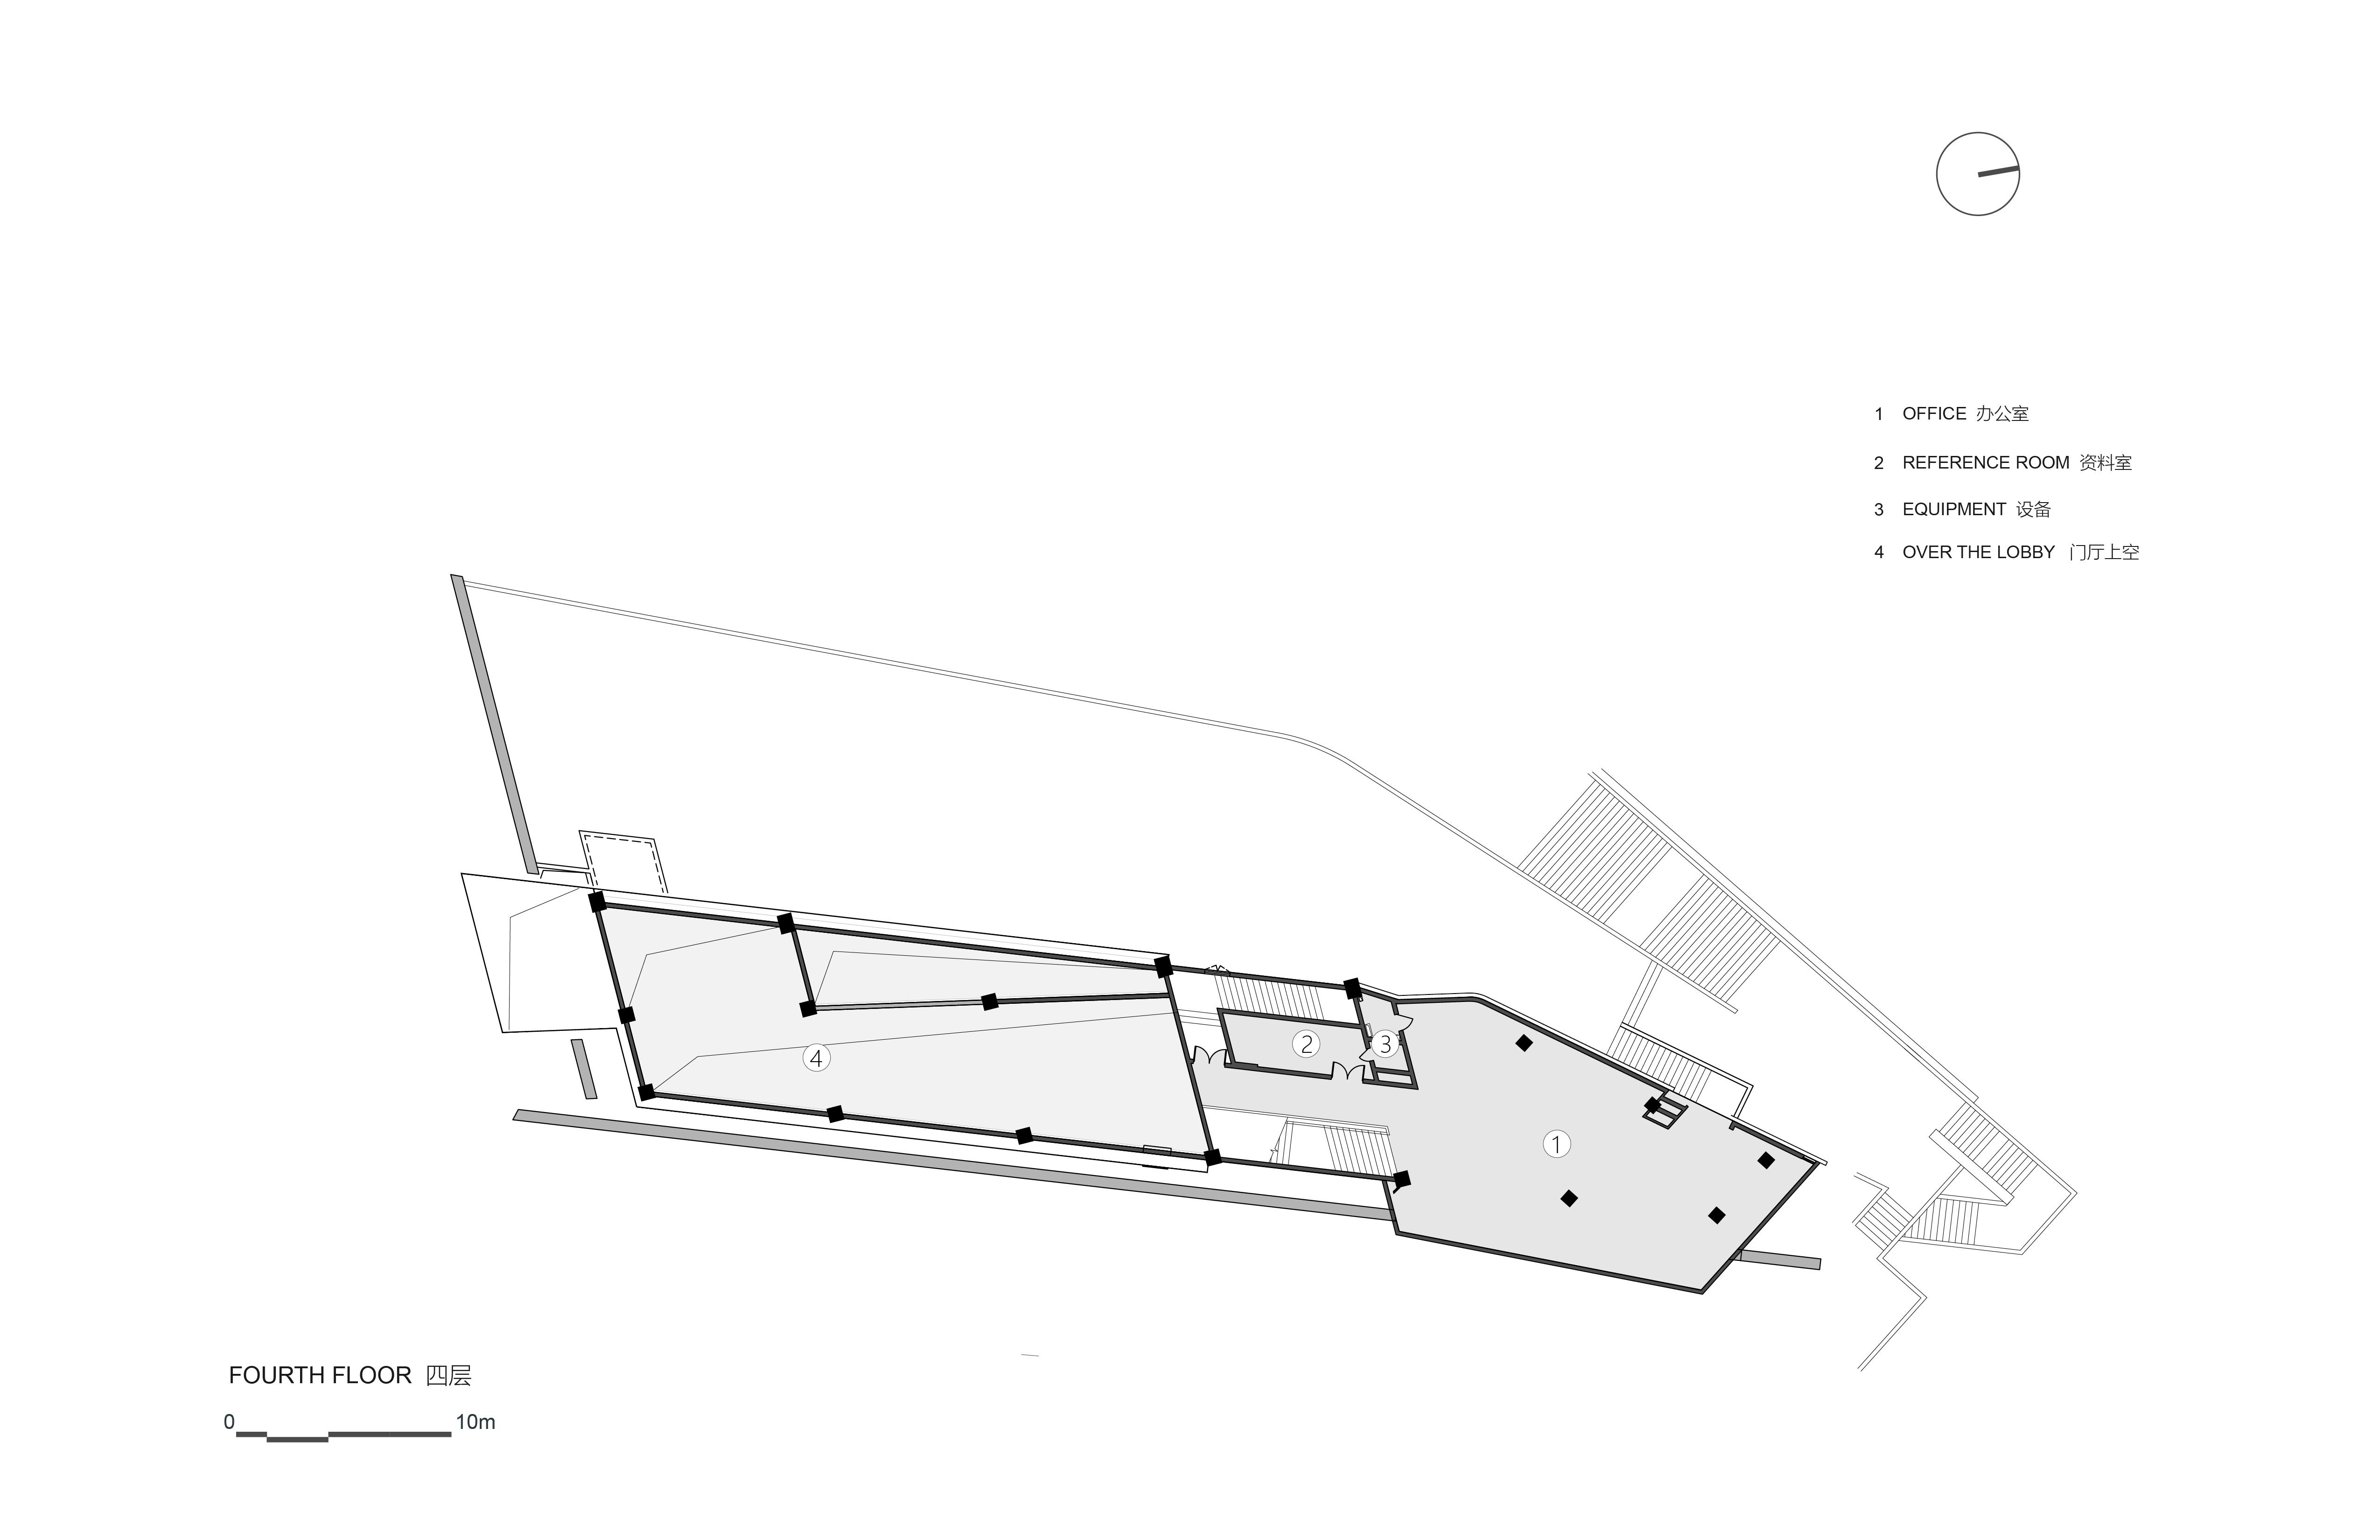 m7 plan-2-04.jpg